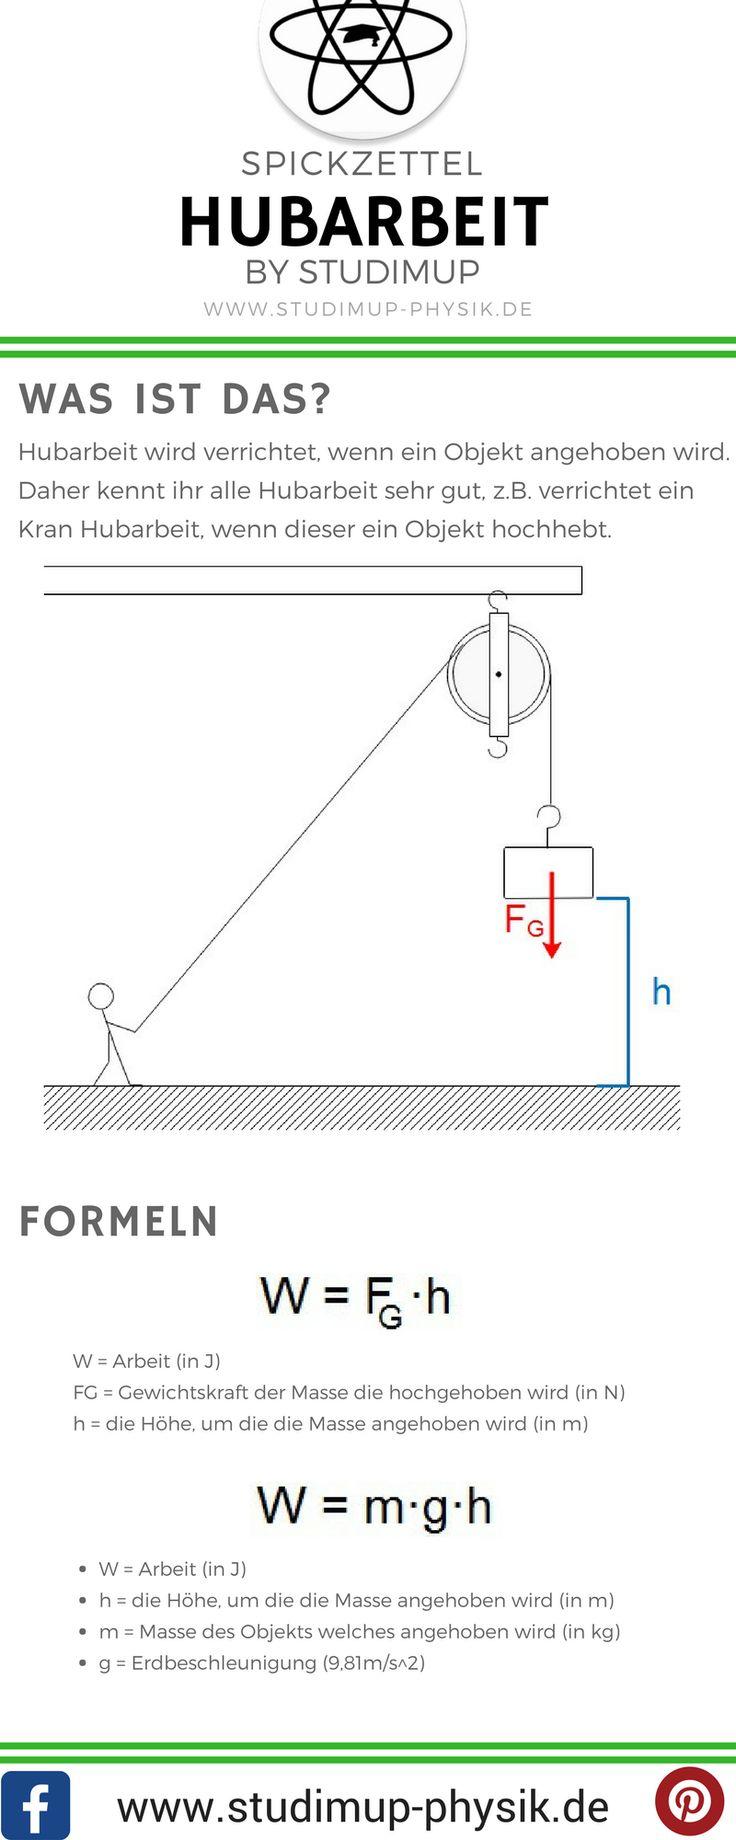 Physik Spickzettel zur Hubarbeit von Studimup. Die etwas andere Formelsammlung.